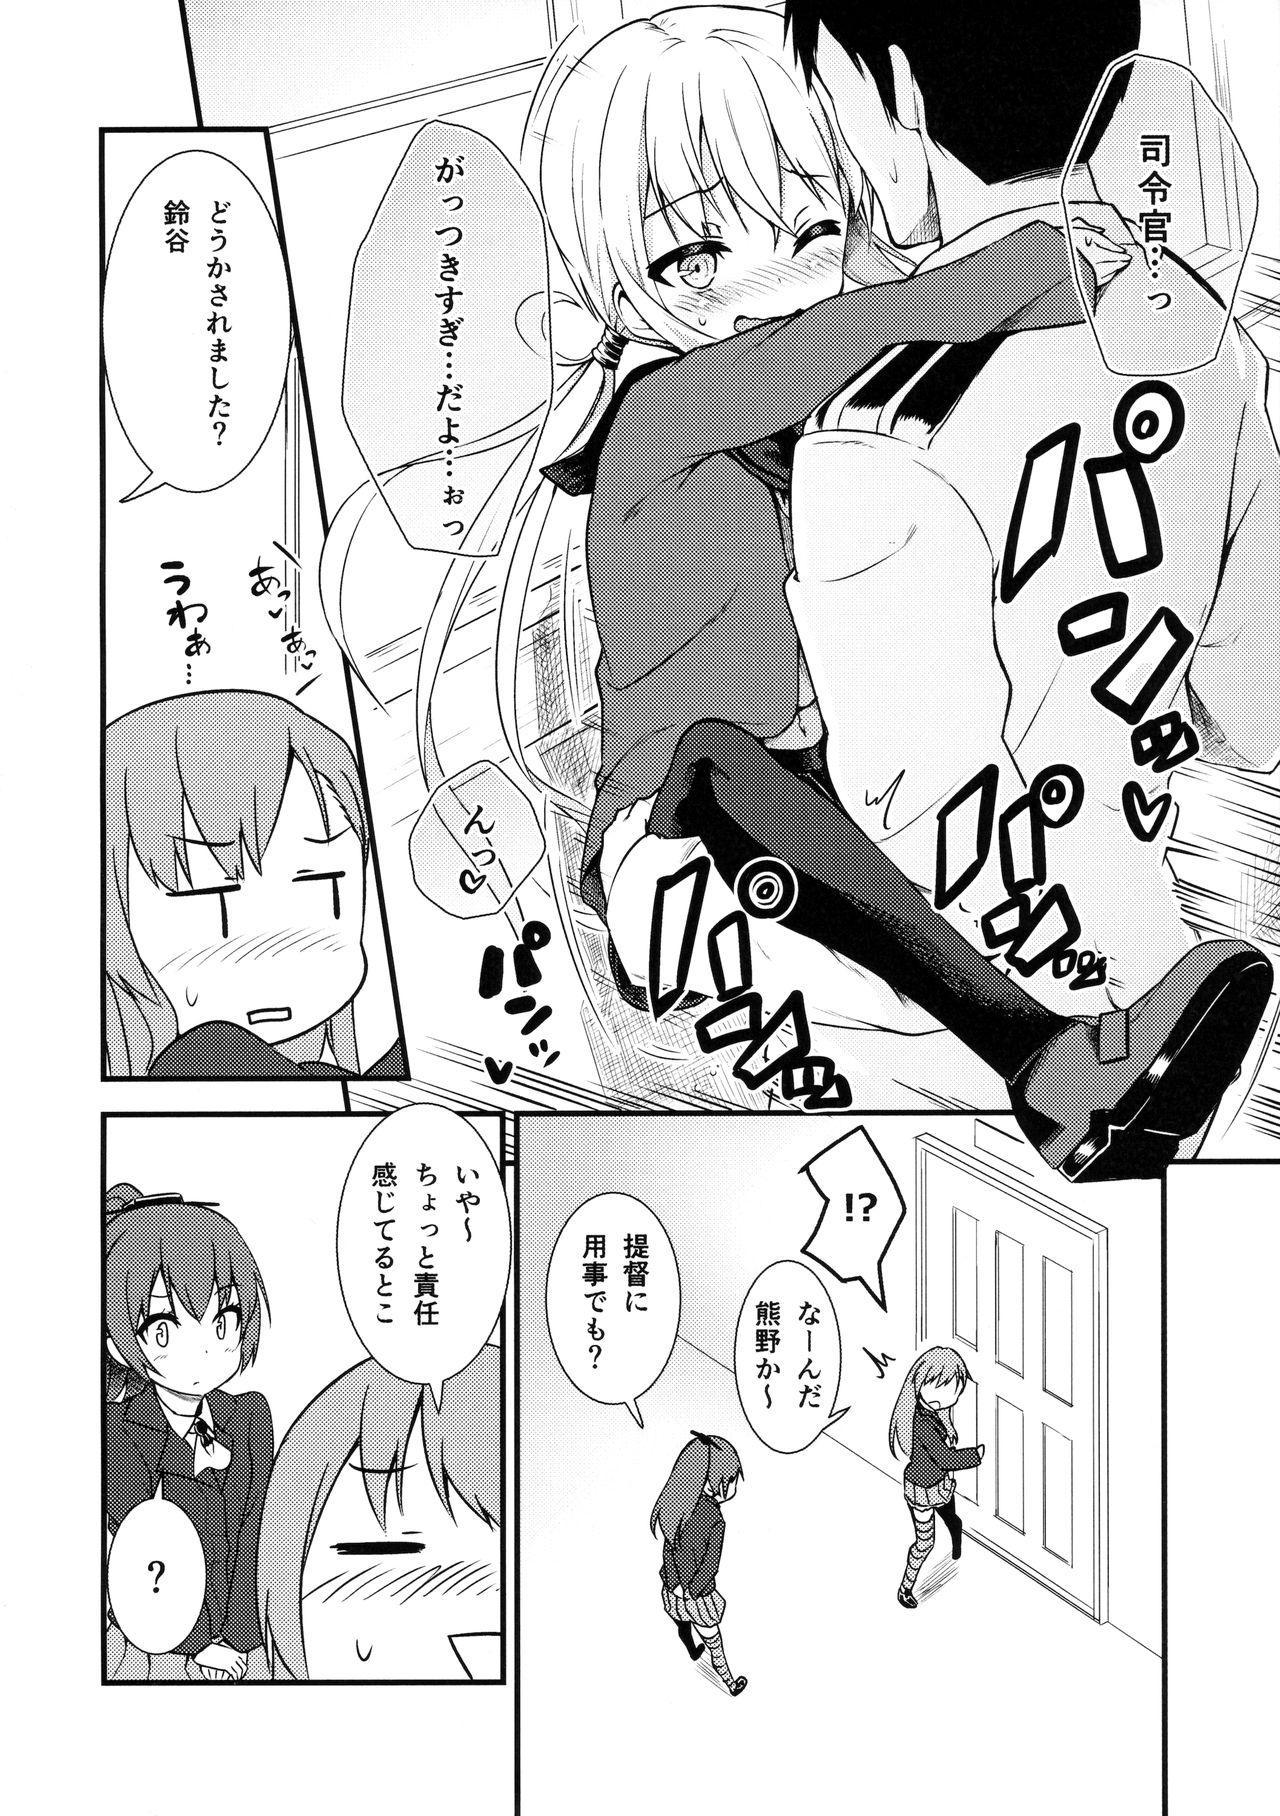 Satsuki ni Oboreru! 2